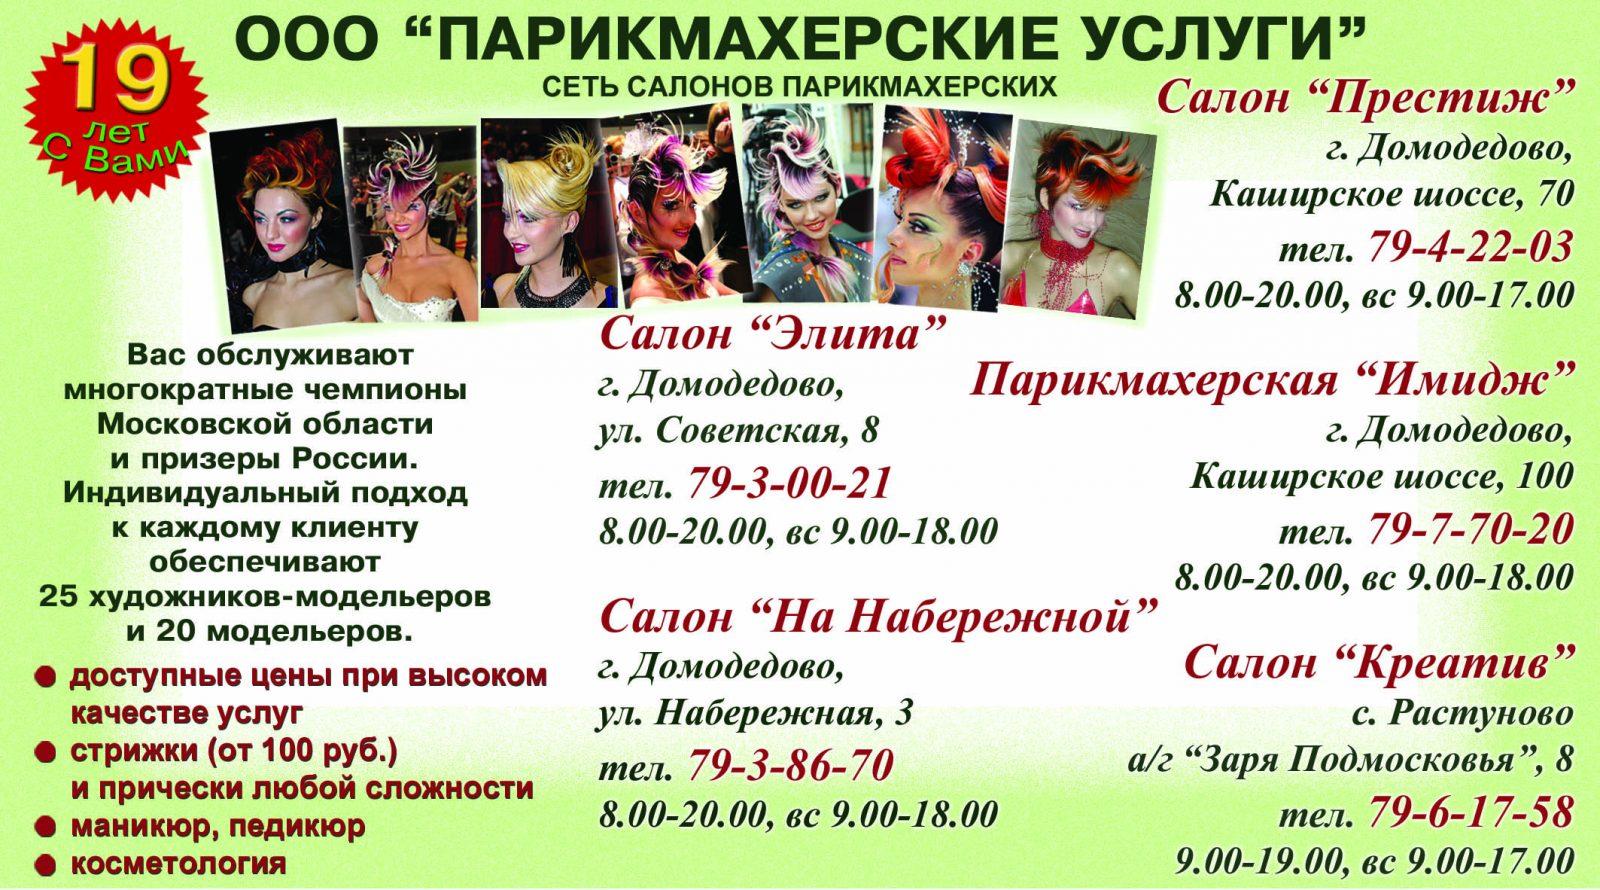 ООО «Парикмахерские услуги» — сеть салонов парикмахерских — 19 лет с Вами!